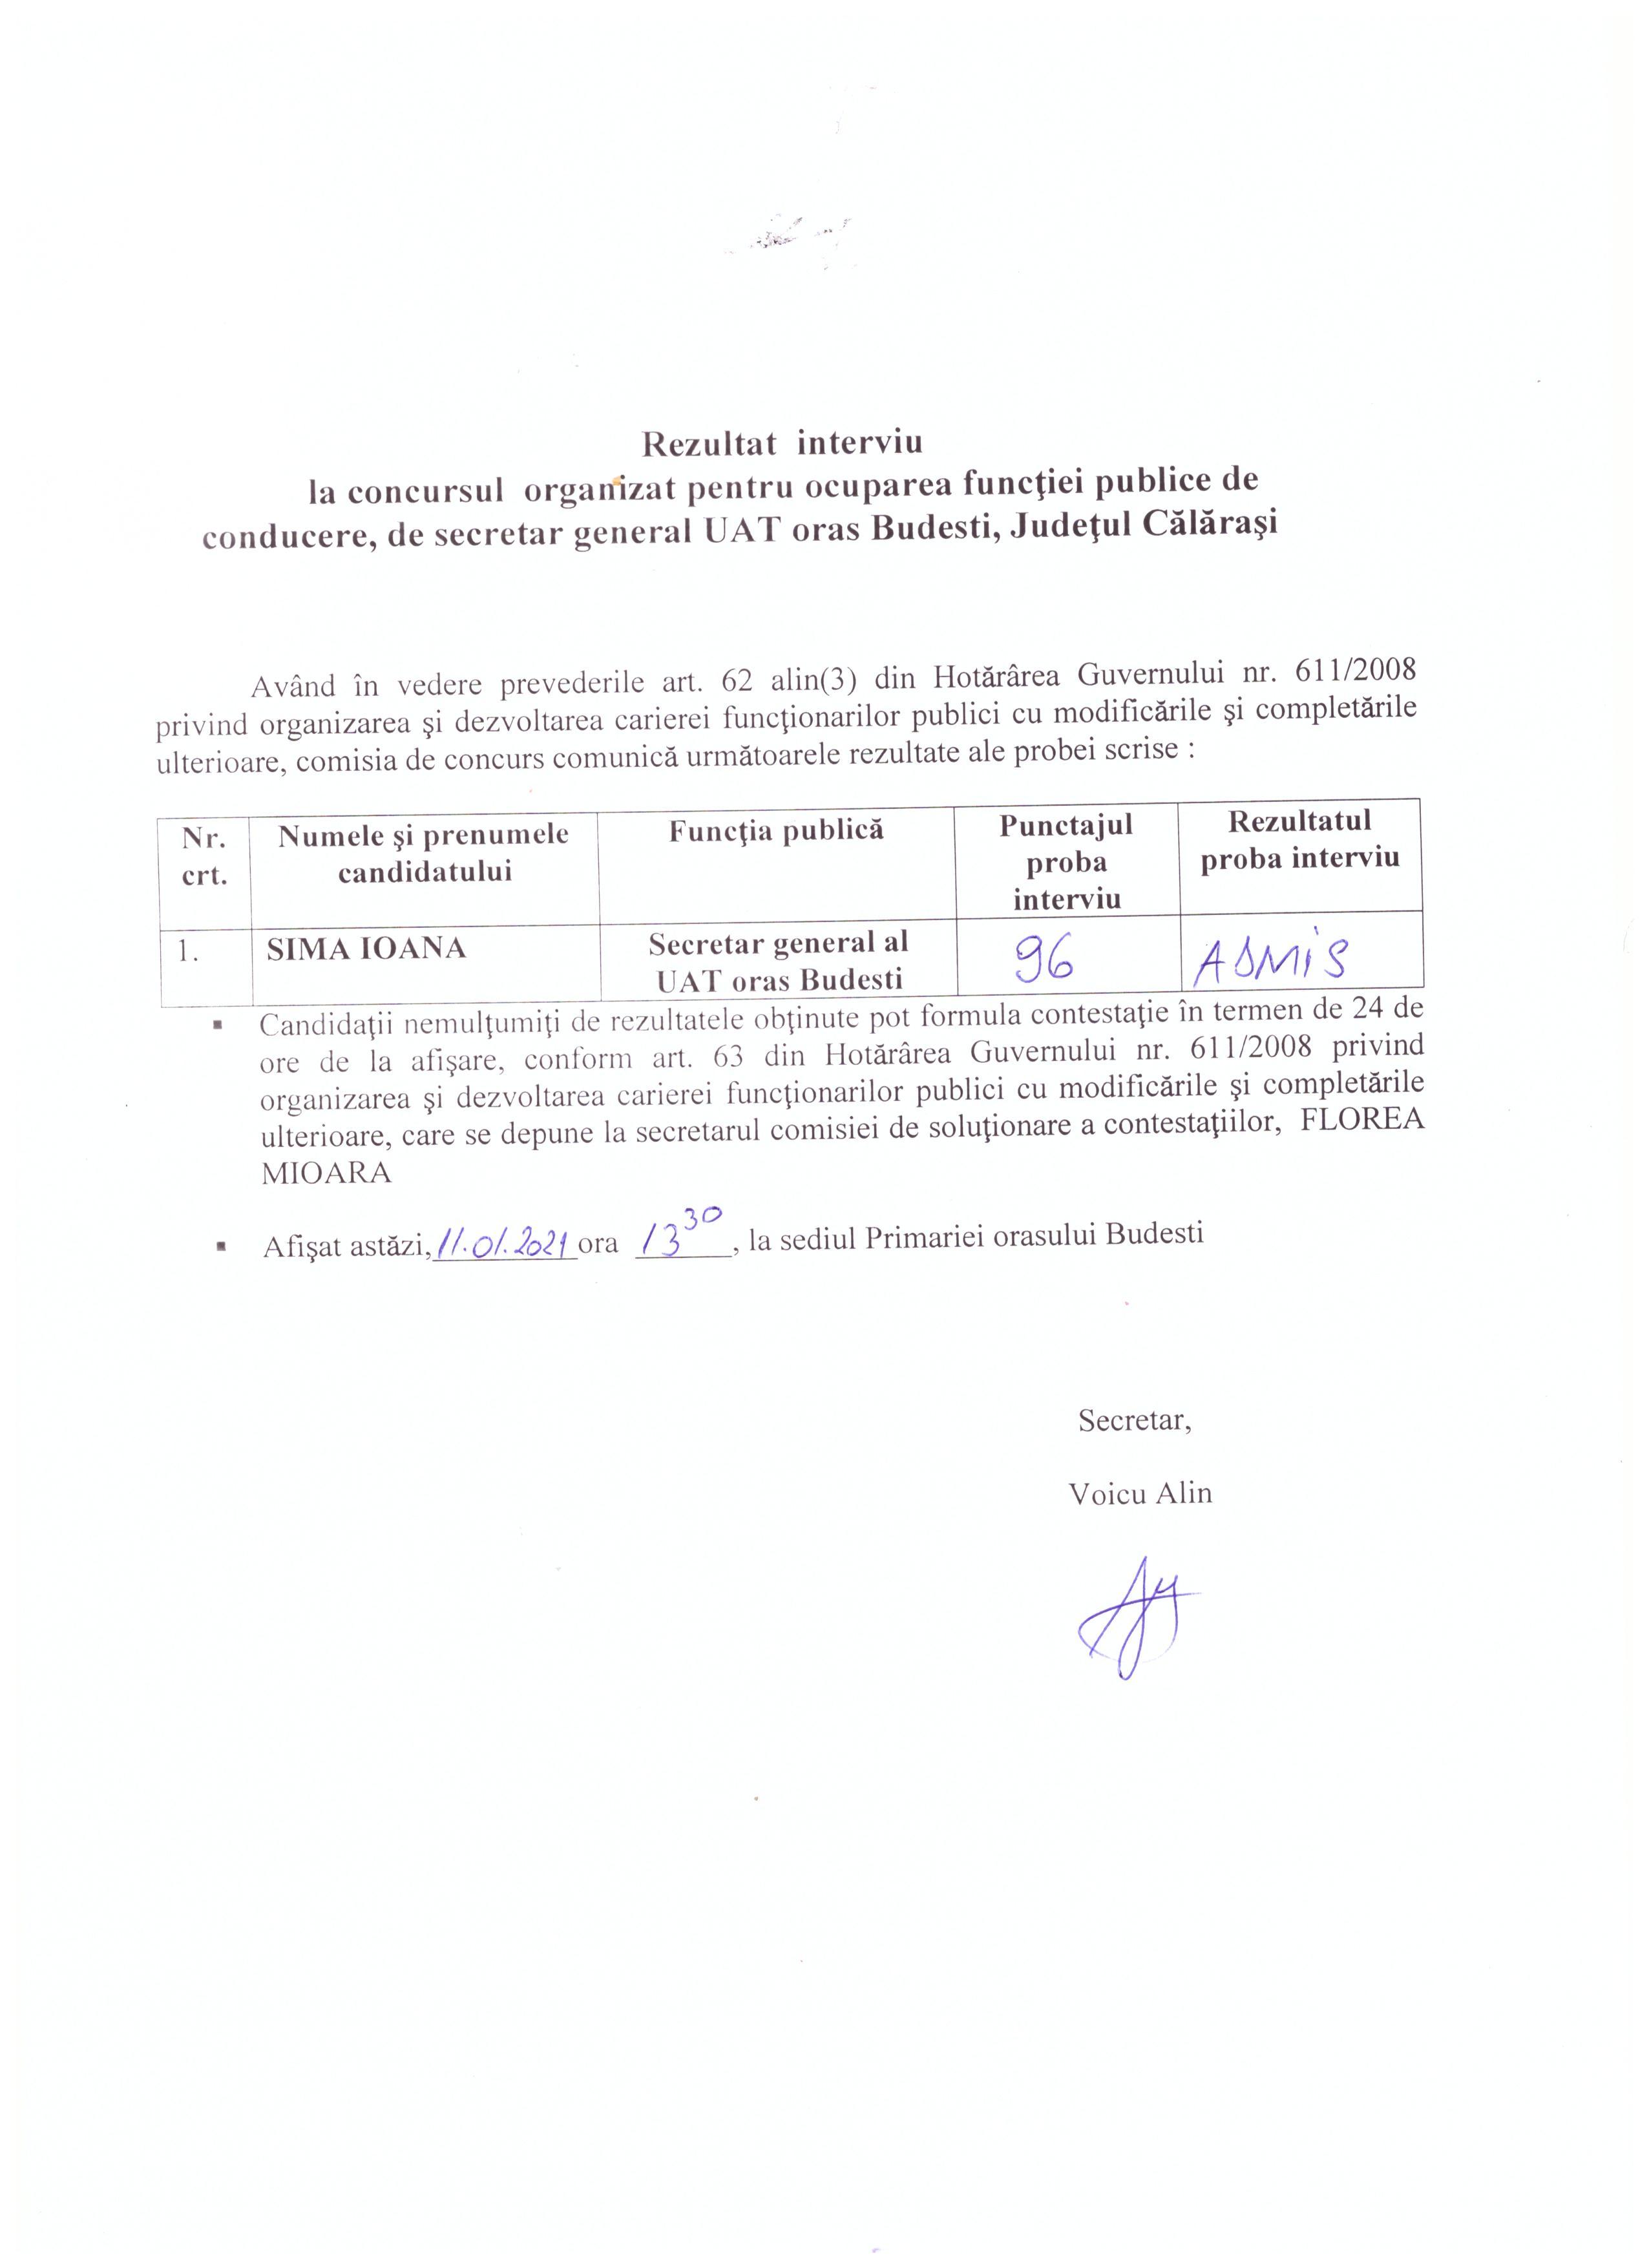 Rezultat interviu- concurs pentru ocuparea functiei publice de conducere -secretar general al UAT Budesti